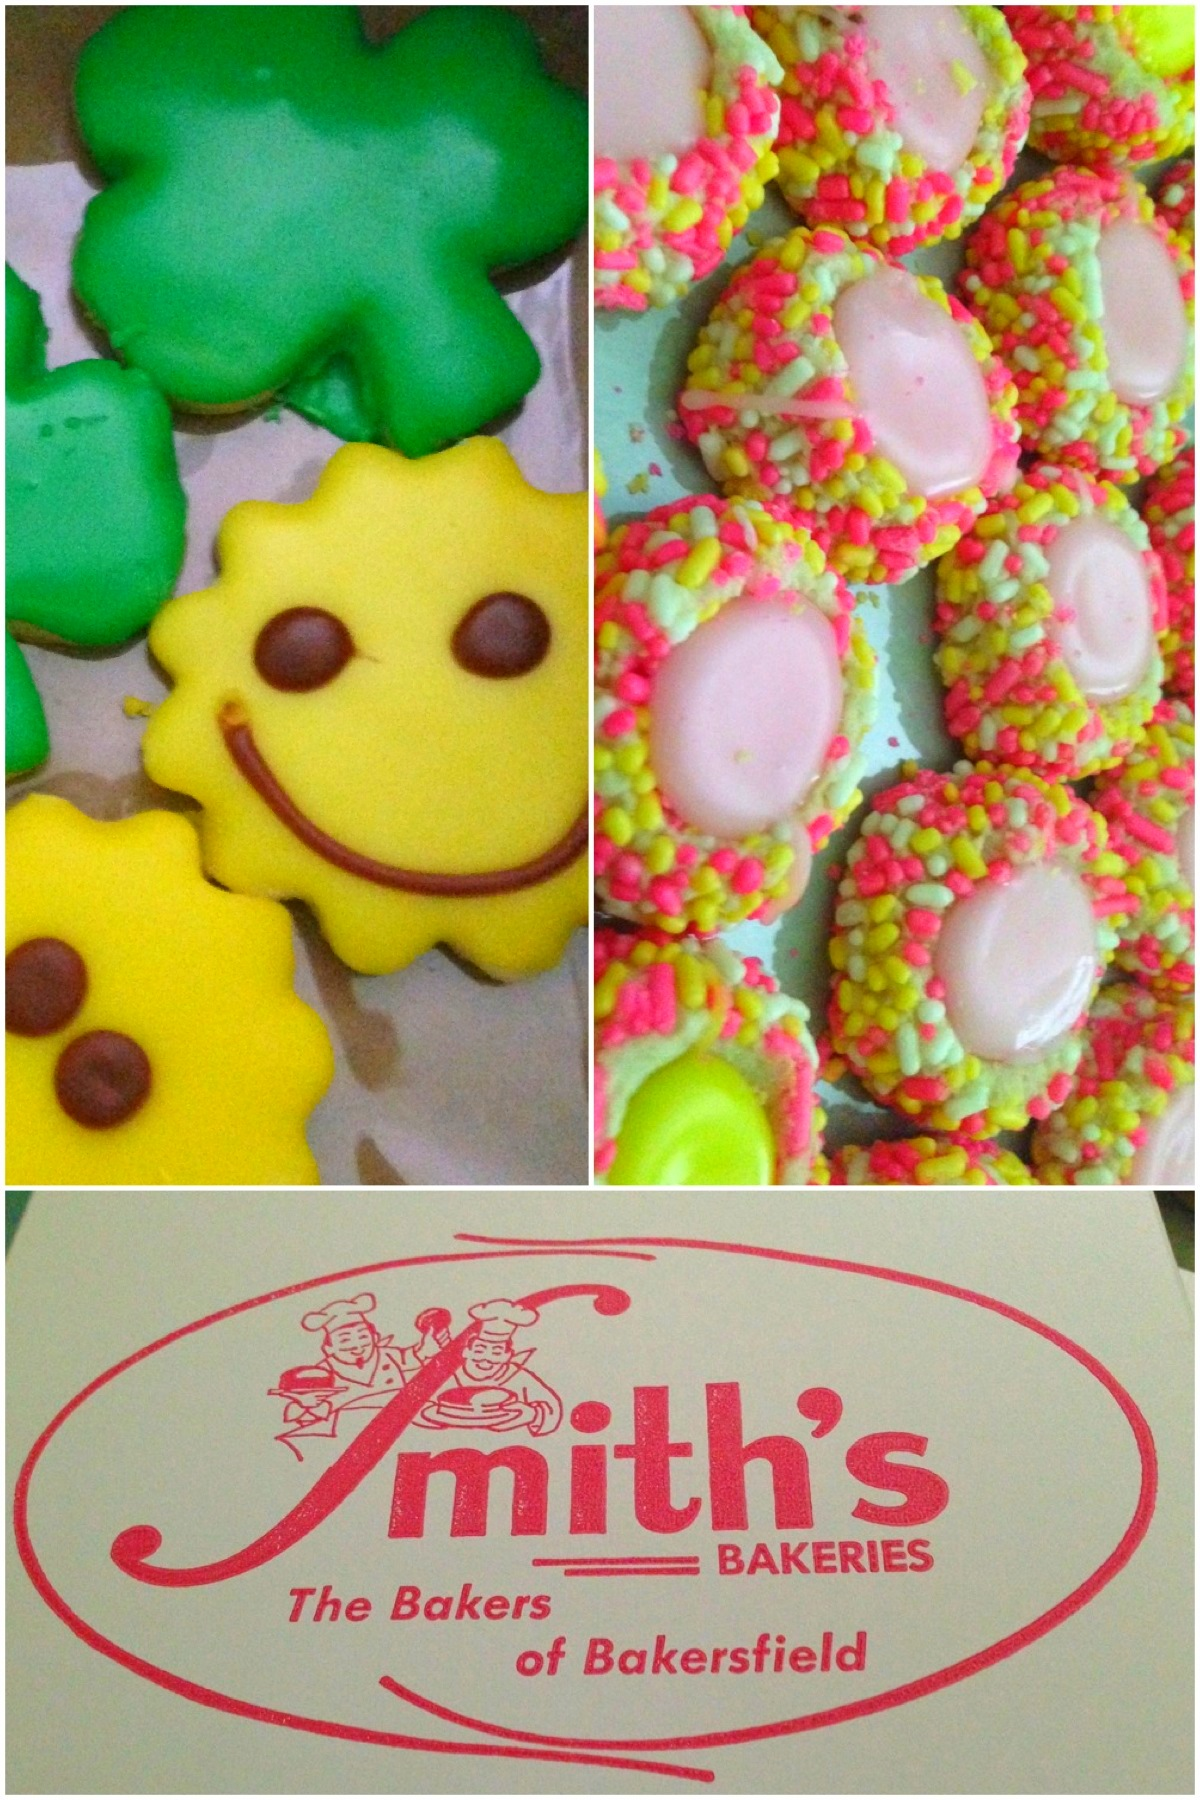 smith\'s bakery – bakersfield, ca – T R O L L E Y W O R D S